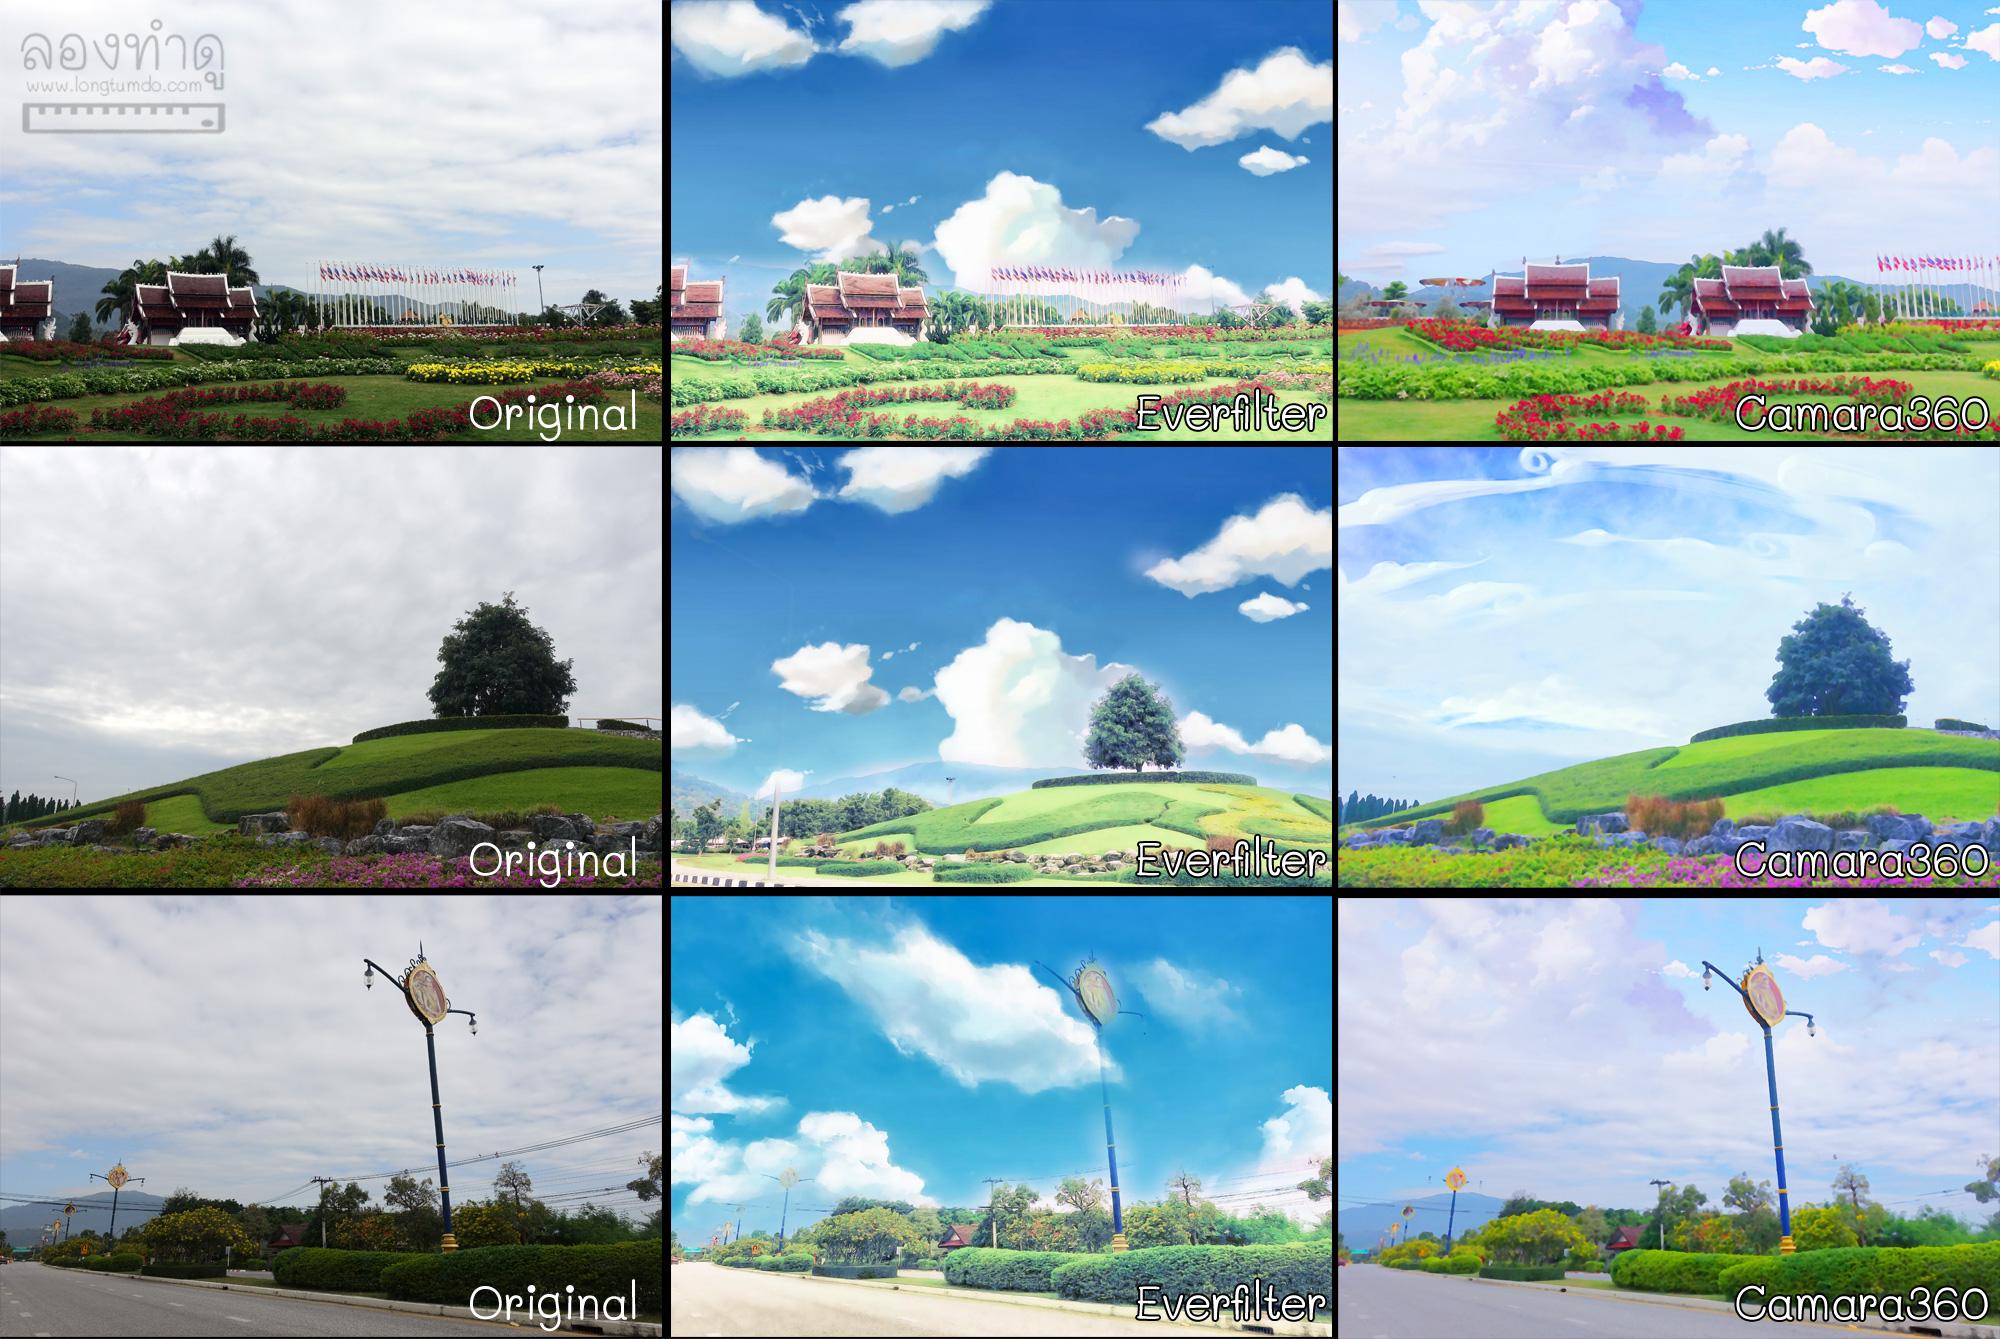 เปลี่ยนท้องฟ้าในภาพถ่ายให้เป็นการ์ตูน